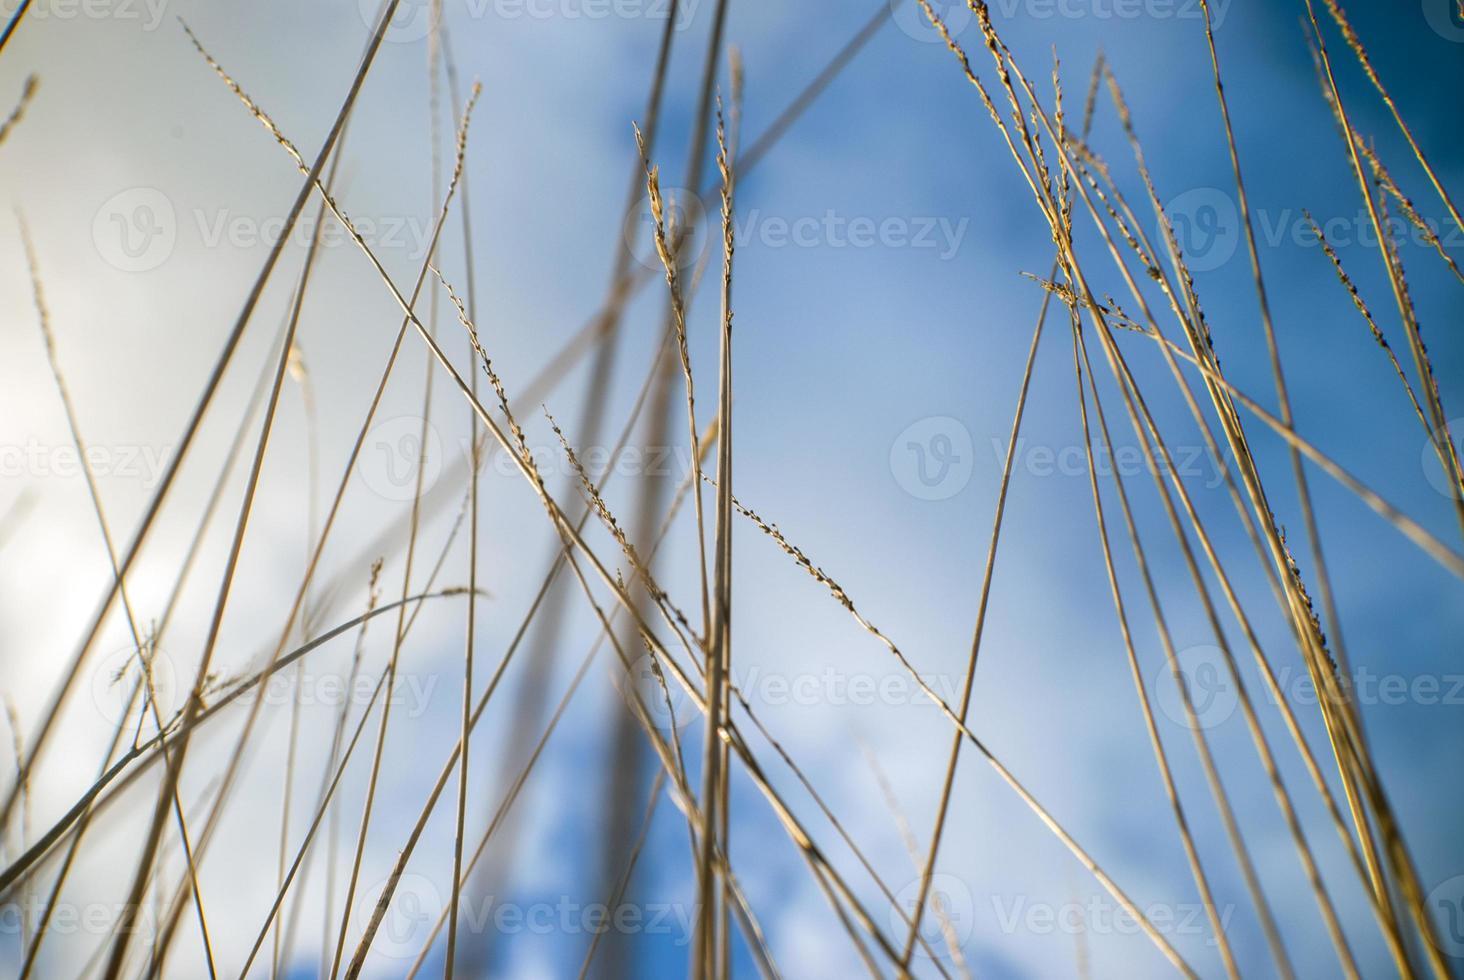 bewolkte blauwe hemelachtergrond achter grassen foto